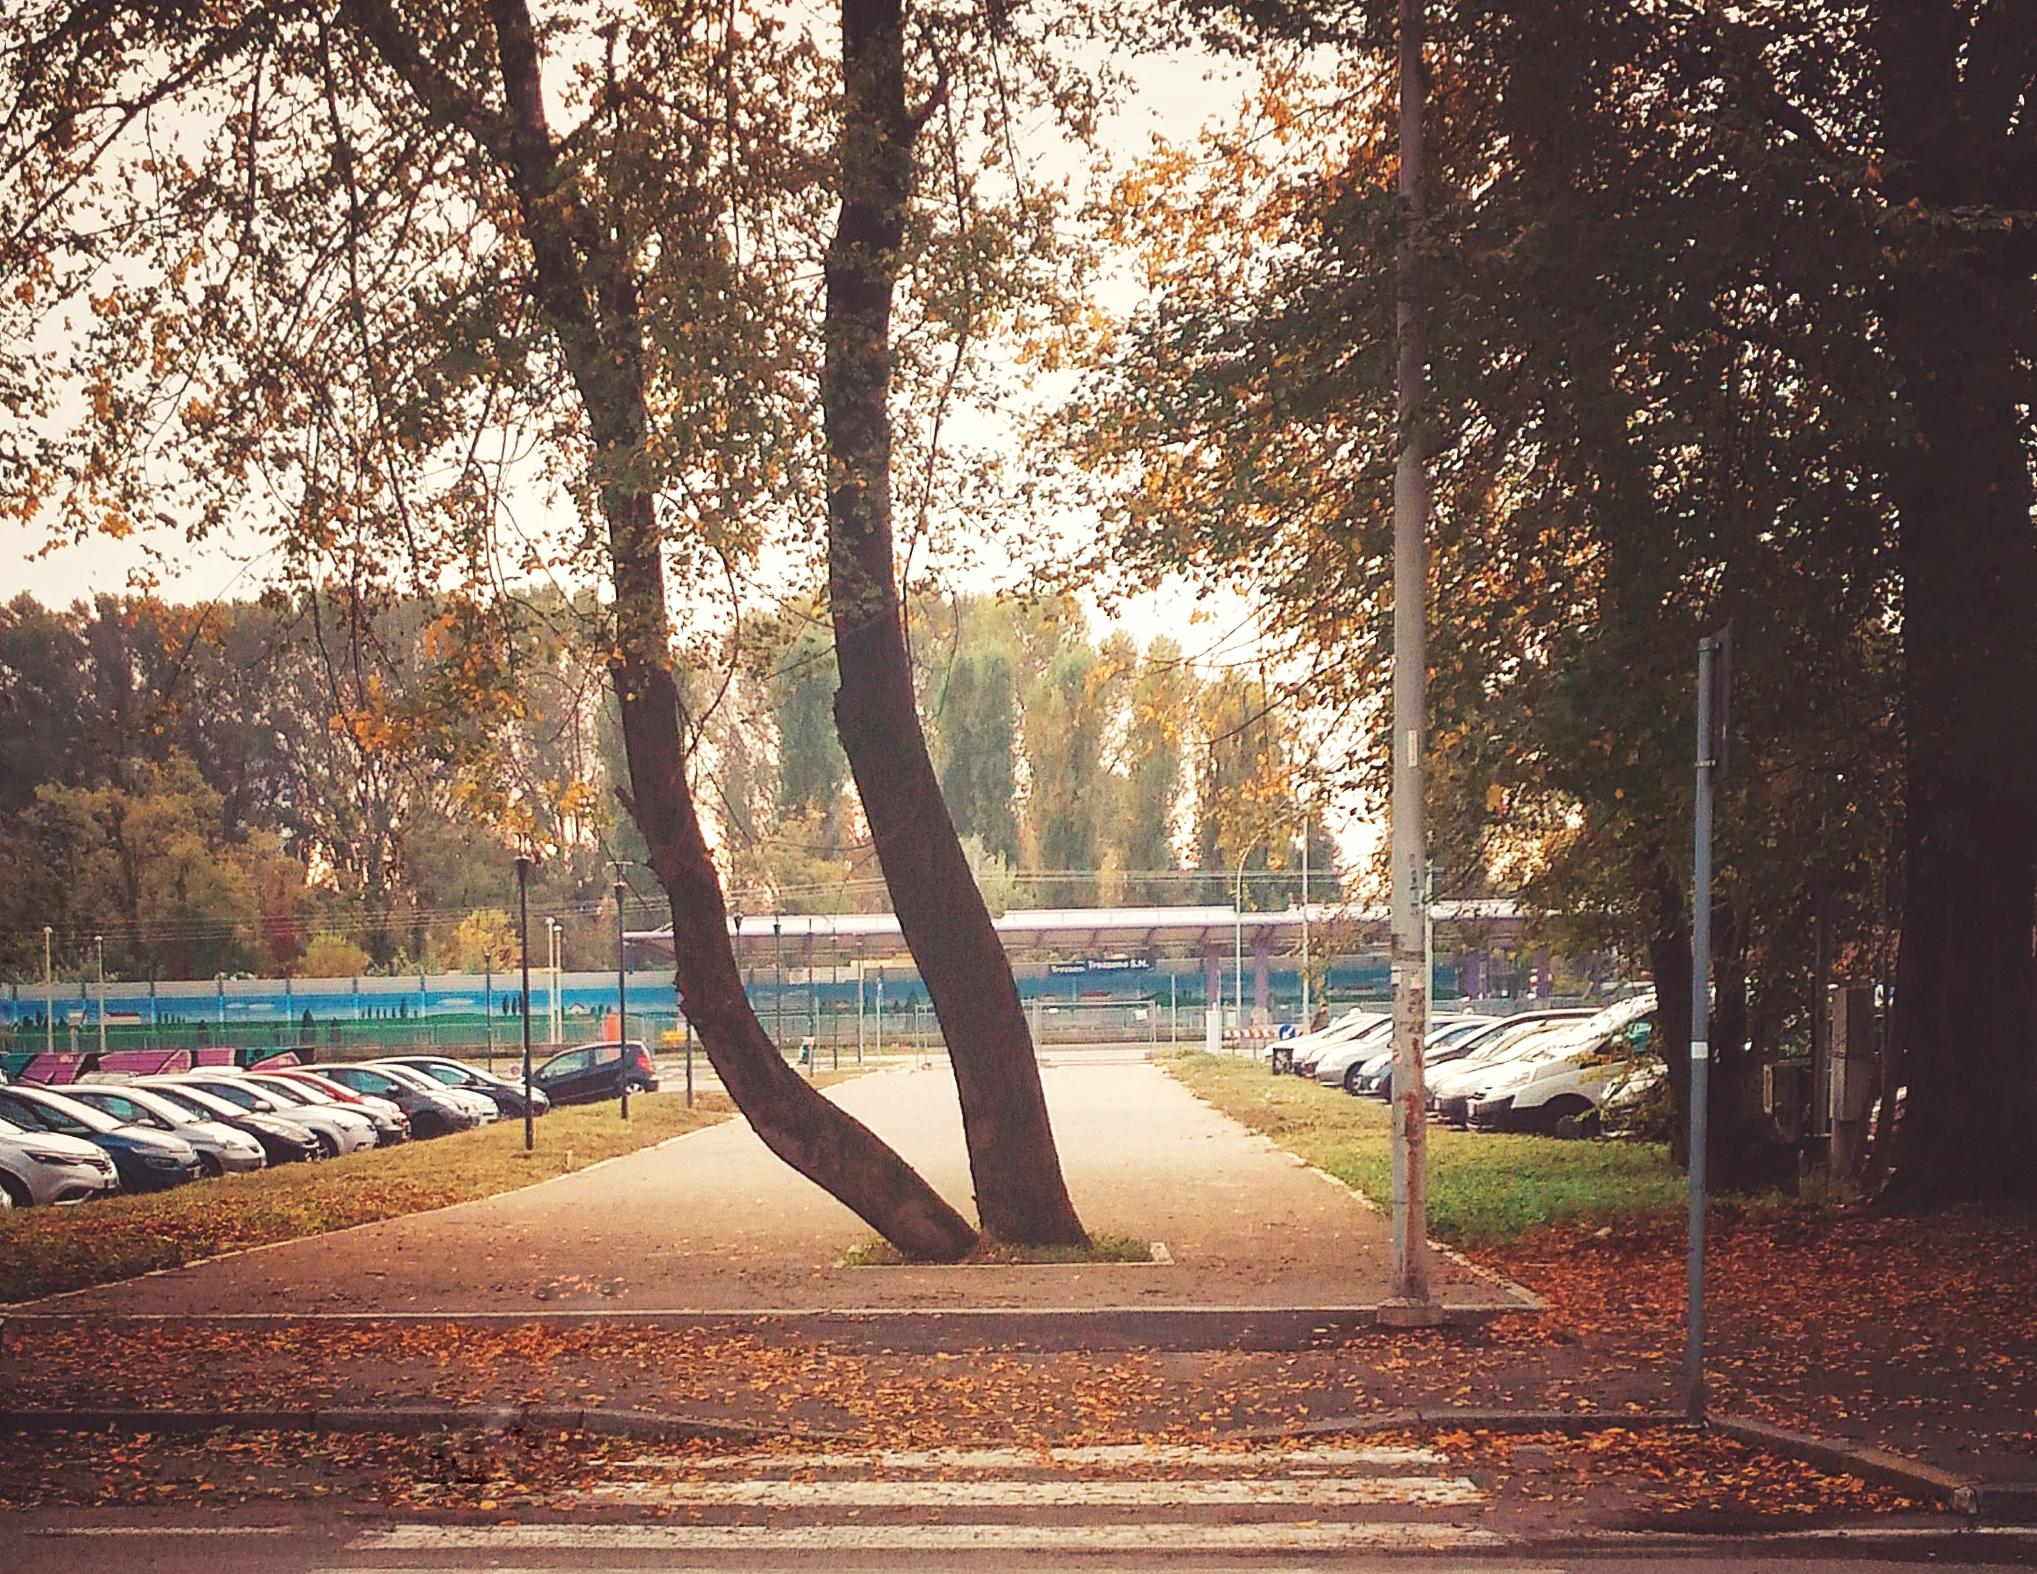 FG SA studio di architettura Fabrizio Guccione Architetto Trezzano sul Naviglio parco percorso in calcestre parco lineare boulevard milano